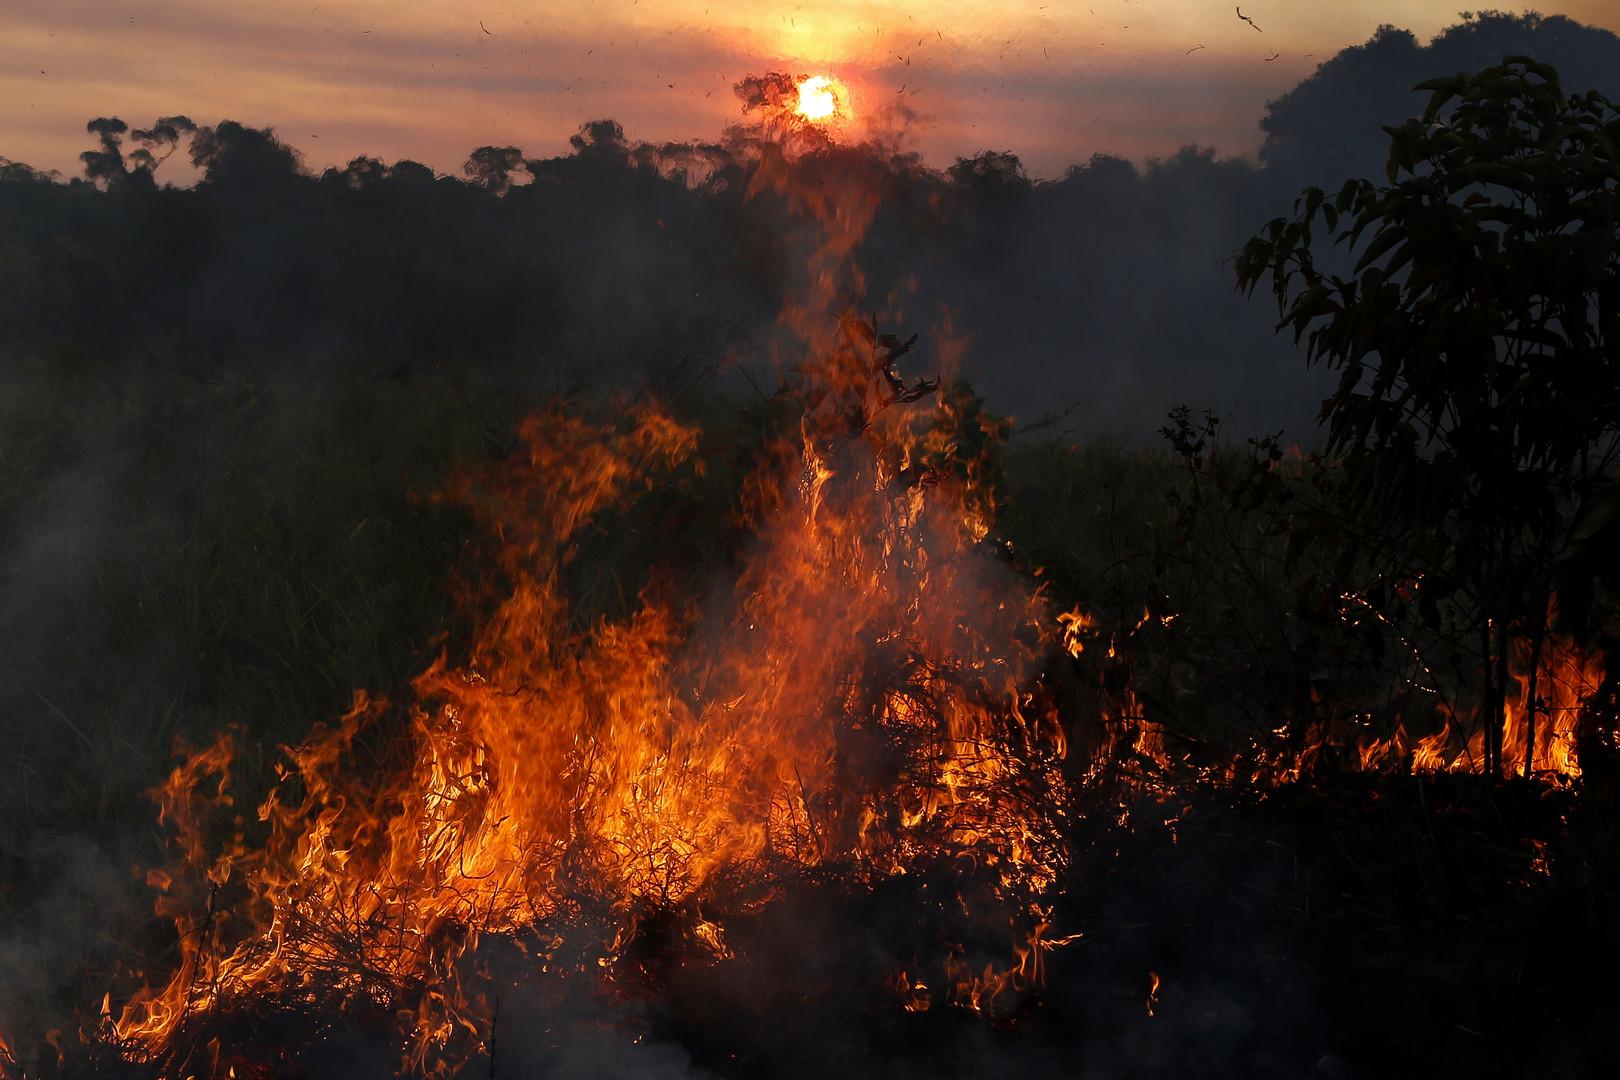 الأمازون.. رئة للأرض أم مجرد منجم للأخشاب؟